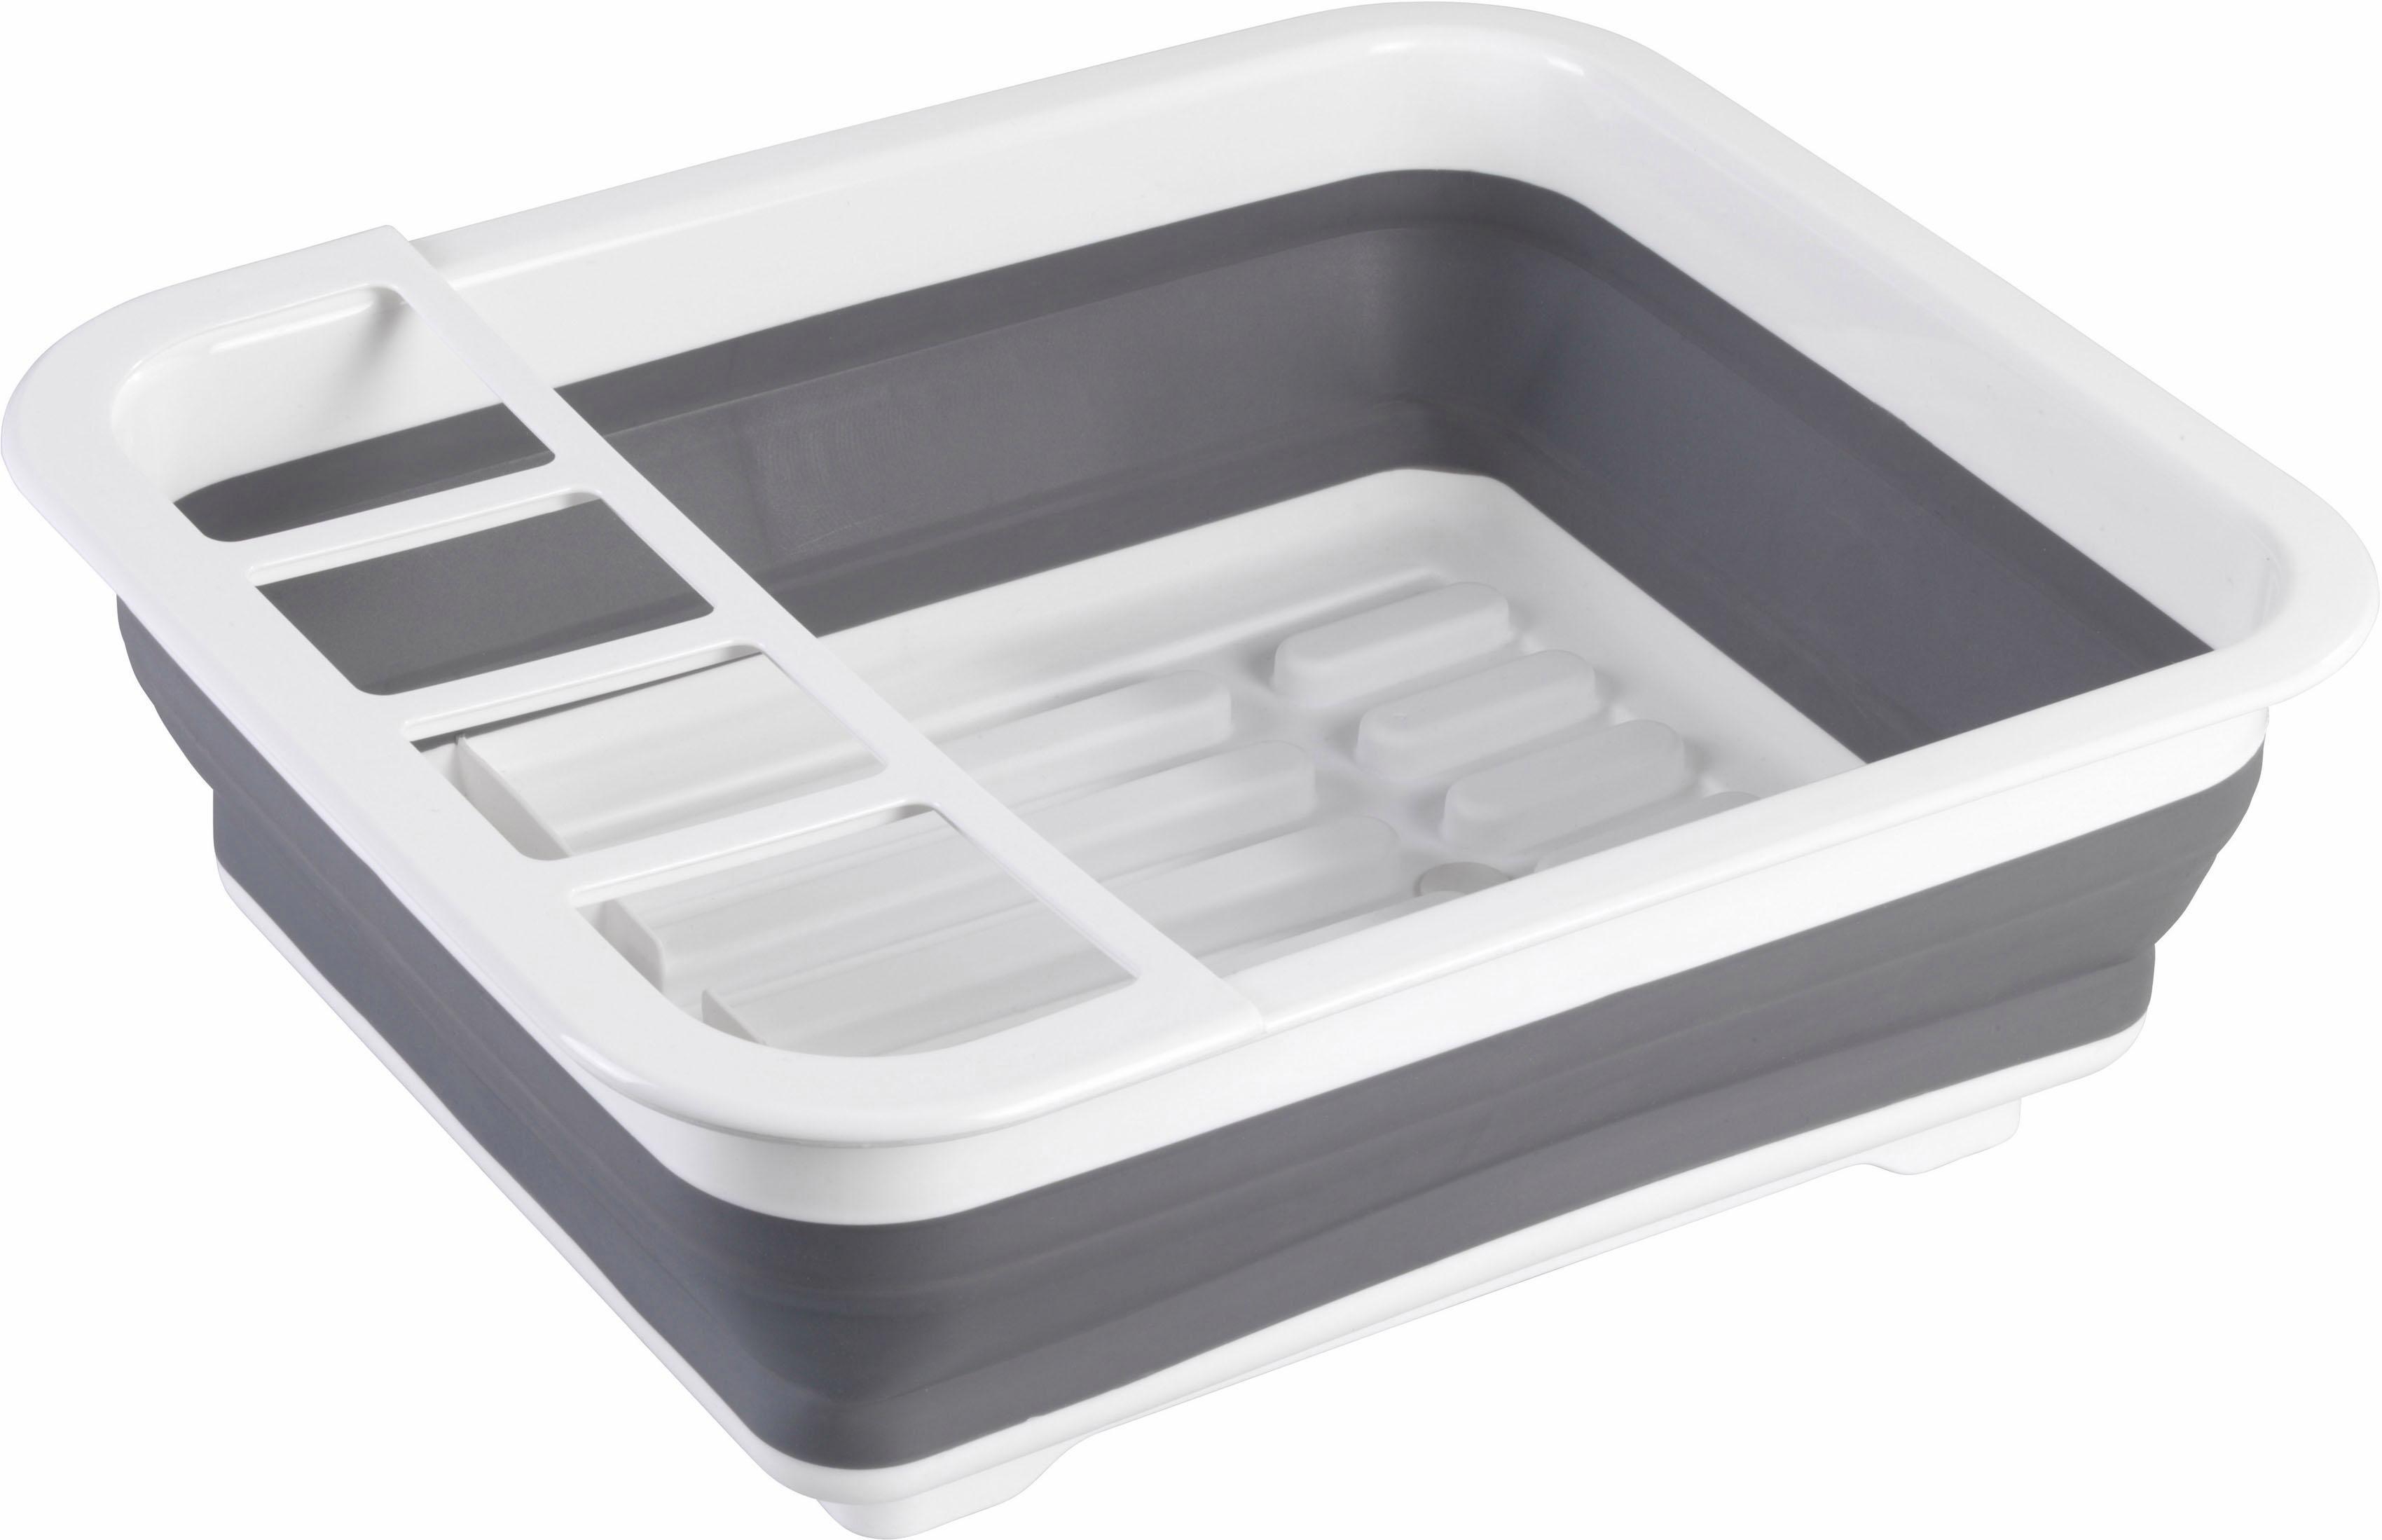 WENKO Geschirrständer grau Abtropfgestelle Küchenhelfer Haushaltswaren